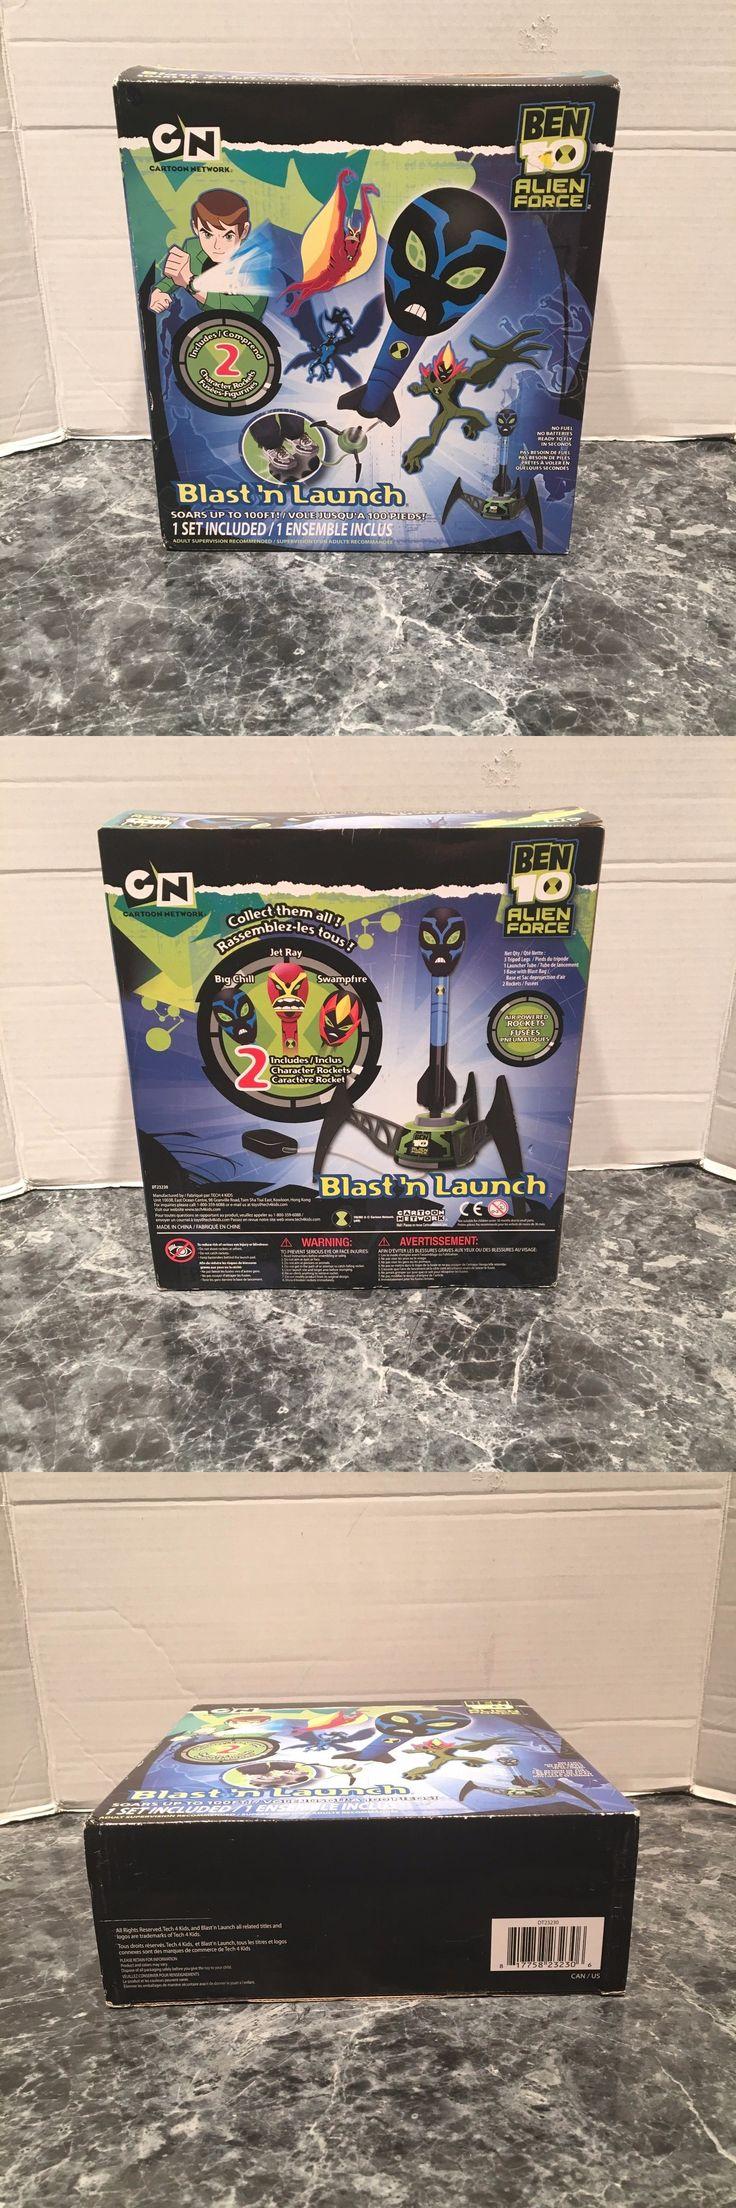 Ben 10 152906: Ben 10 Alien Force Cartoon Network Blast N Launch Character Rockets Nib -> BUY IT NOW ONLY: $99.99 on eBay!